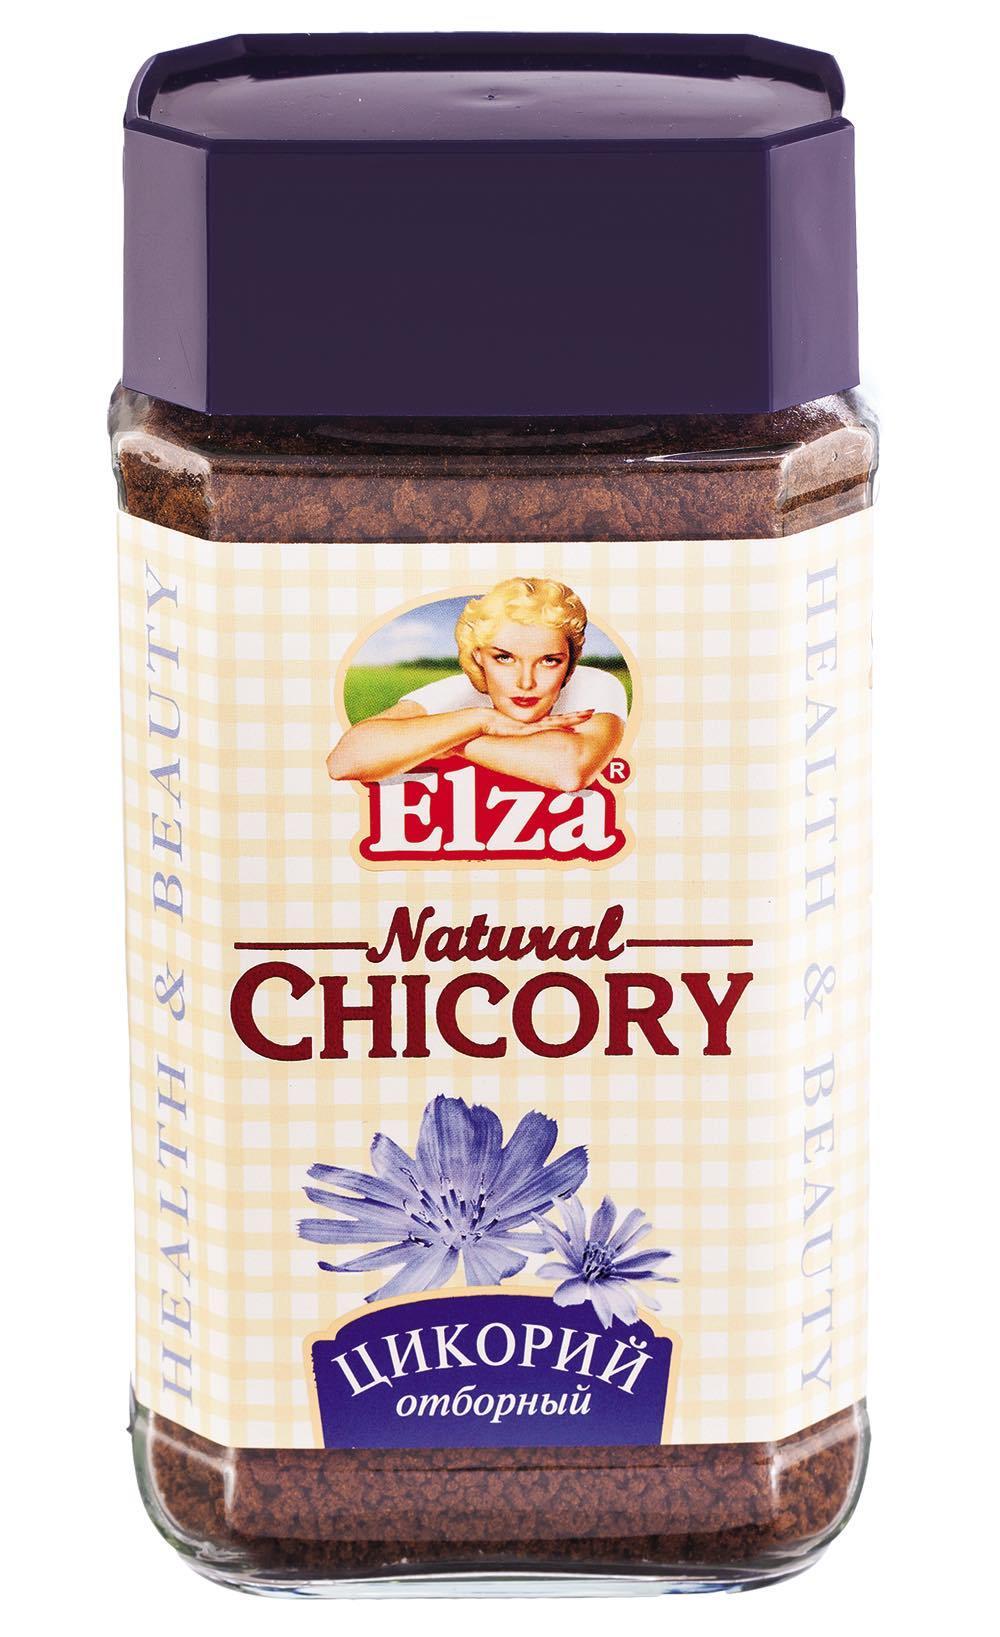 Цикорий Цикорий Natural Chicory, Elza, 100 г import_files_0a_0a6e3d5acb2511eaa9ce484d7ecee297_d75208d3cd7f11eaa9ce484d7ecee297.jpg